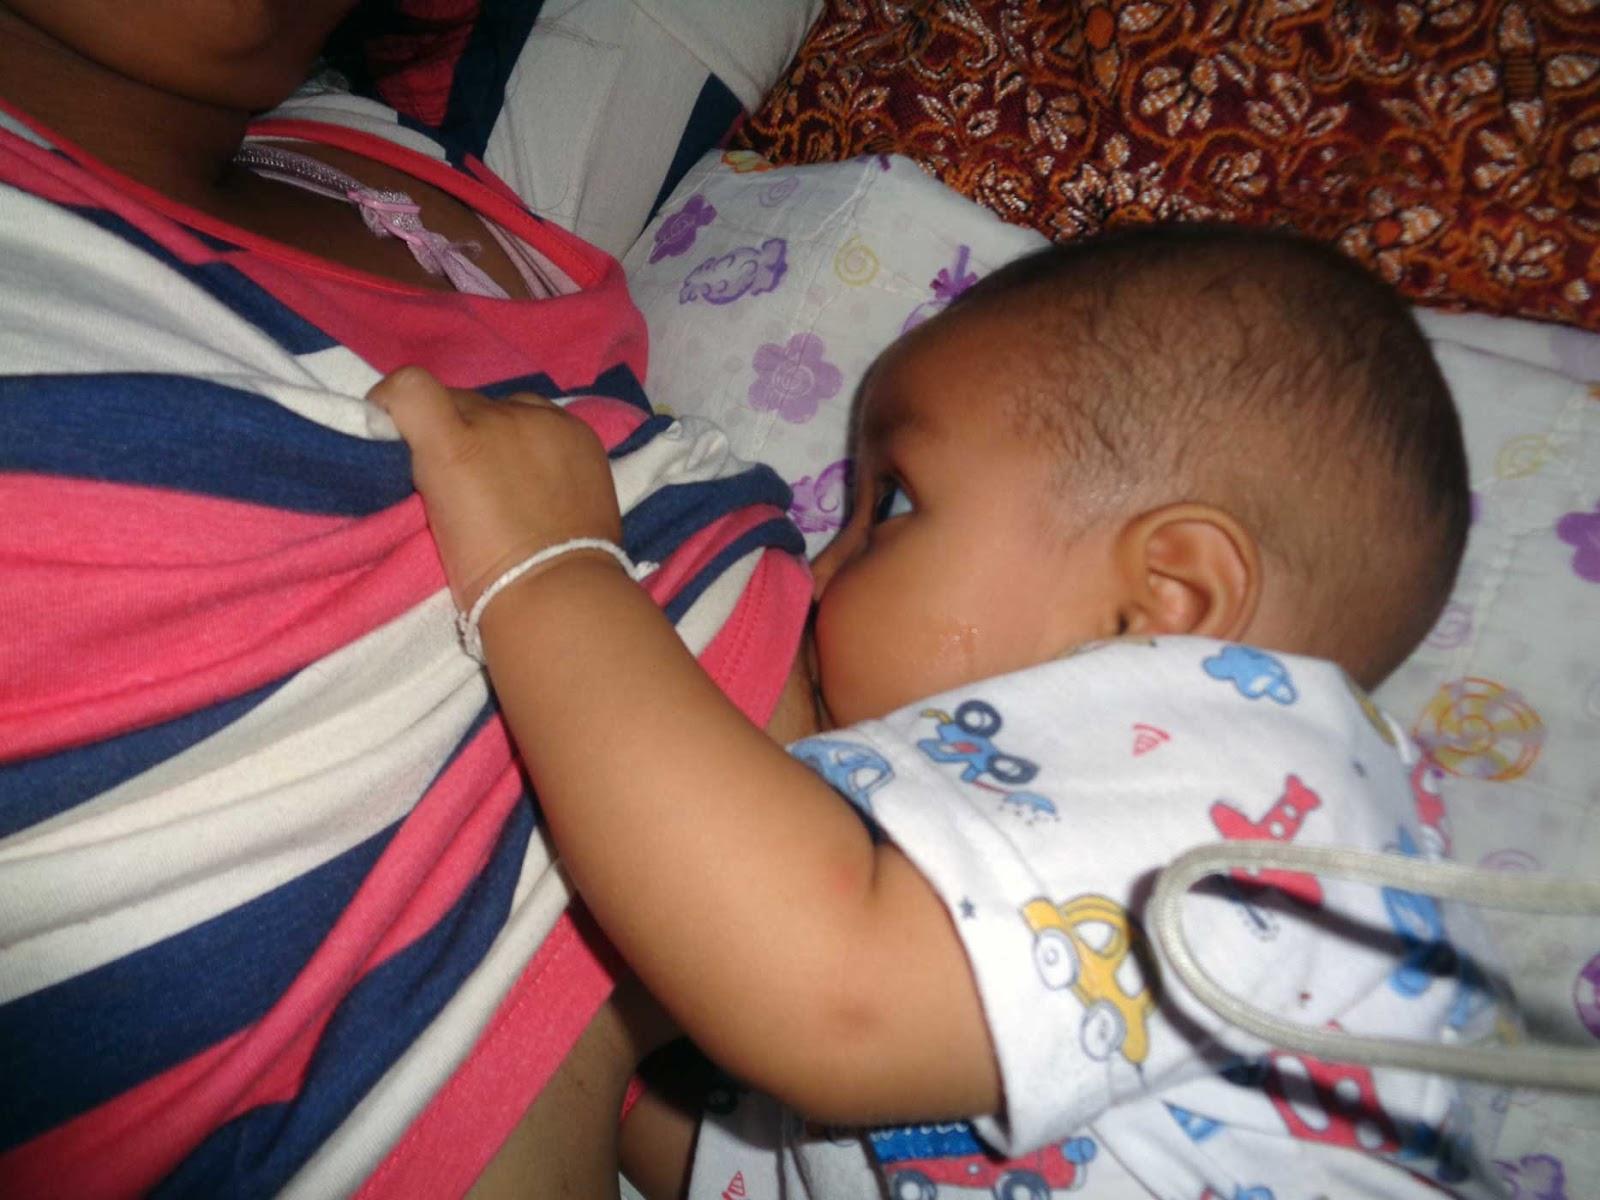 Und Inzwischen Haben Wir Sogar Ein Baby Bekommen, Das Wir Alexandra Nennen.  Sie Wurde Am 28.3.15 Um 1:37 Uhr Mit 3.9 Kilo Normal Und Gesund Geboren.